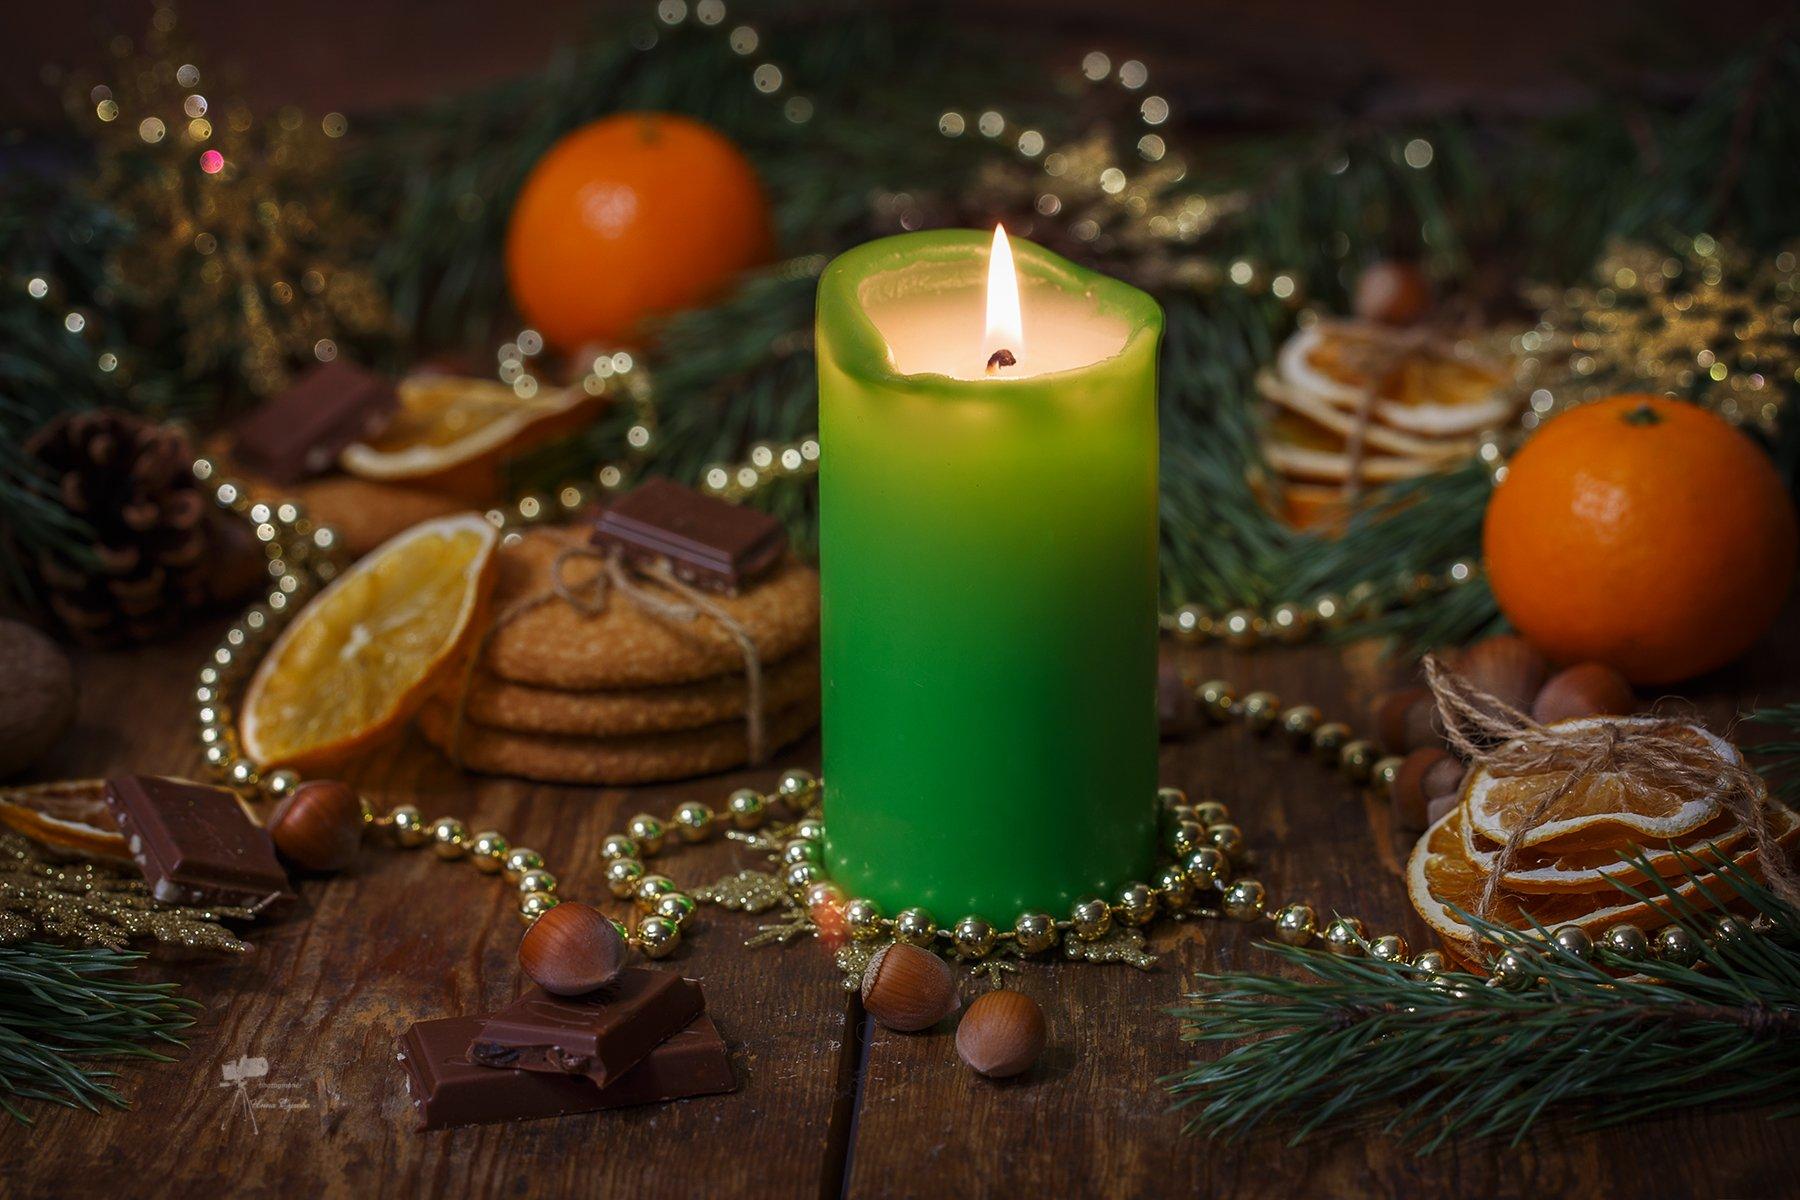 рождество,новый год,елка,свеча,цитрусовыу,мандарины,апельсины,лимоны, Инна Сухова